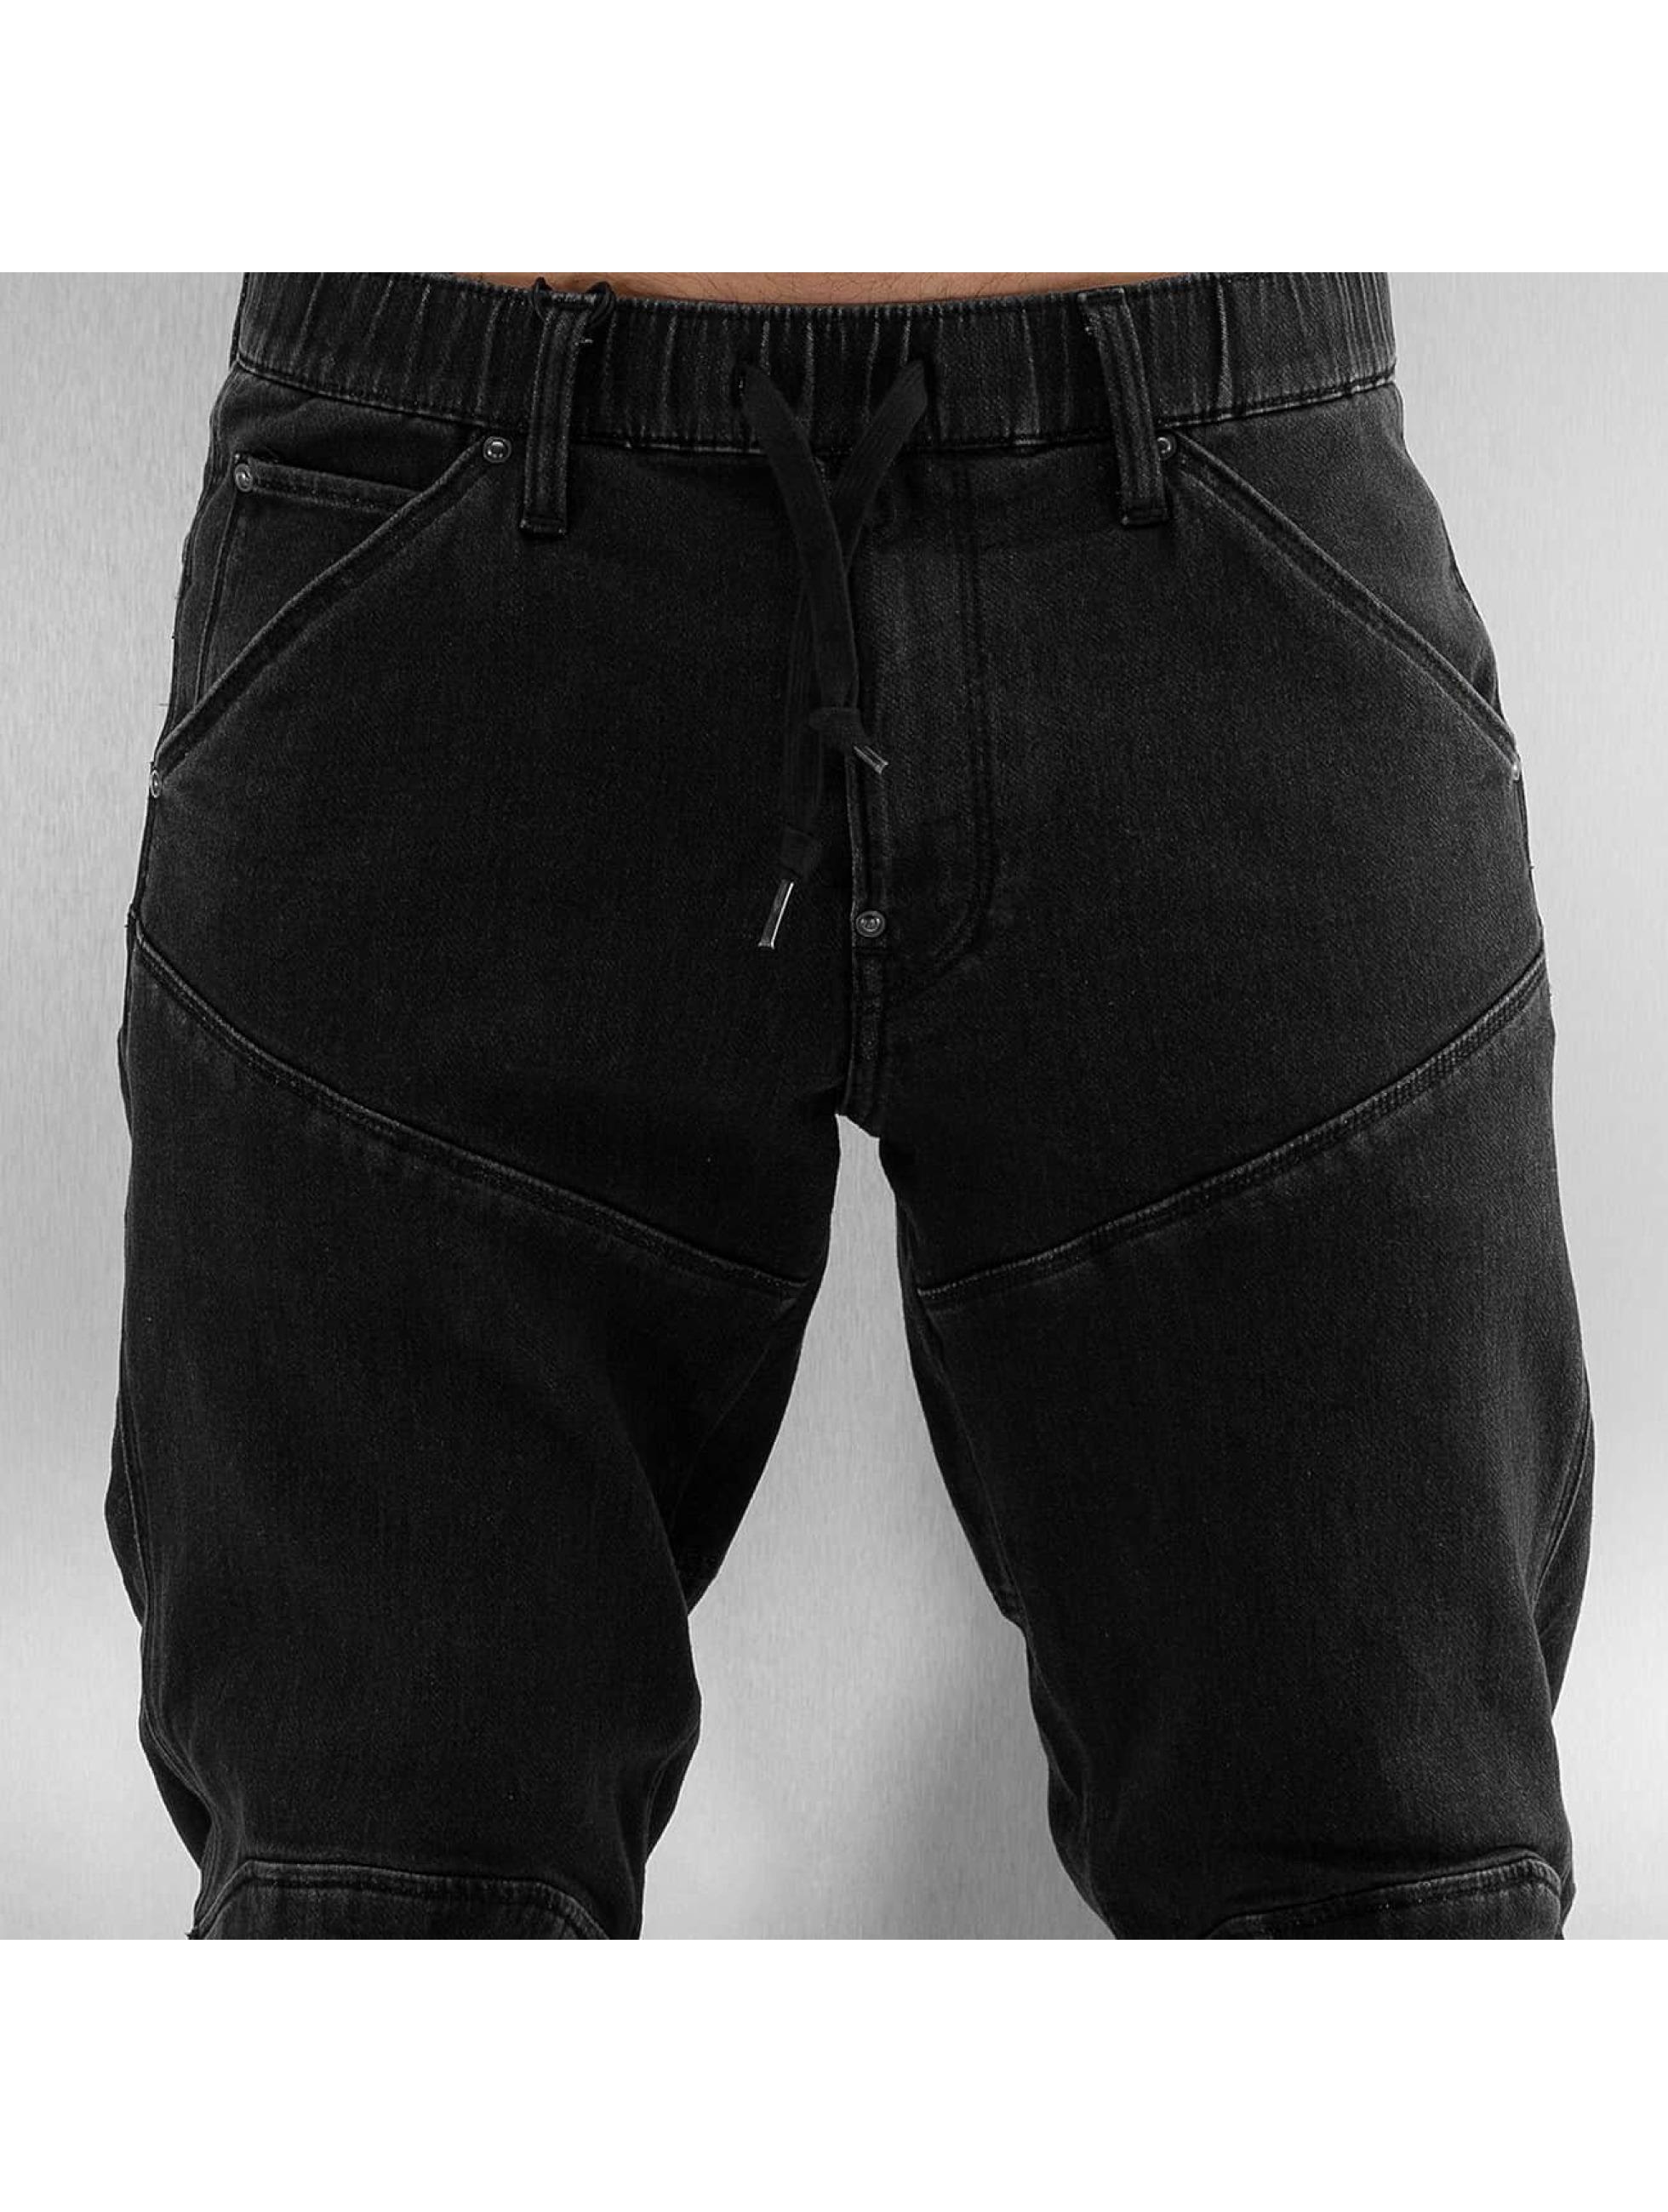 G-Star Sweat Pant 5620 3D Sport black